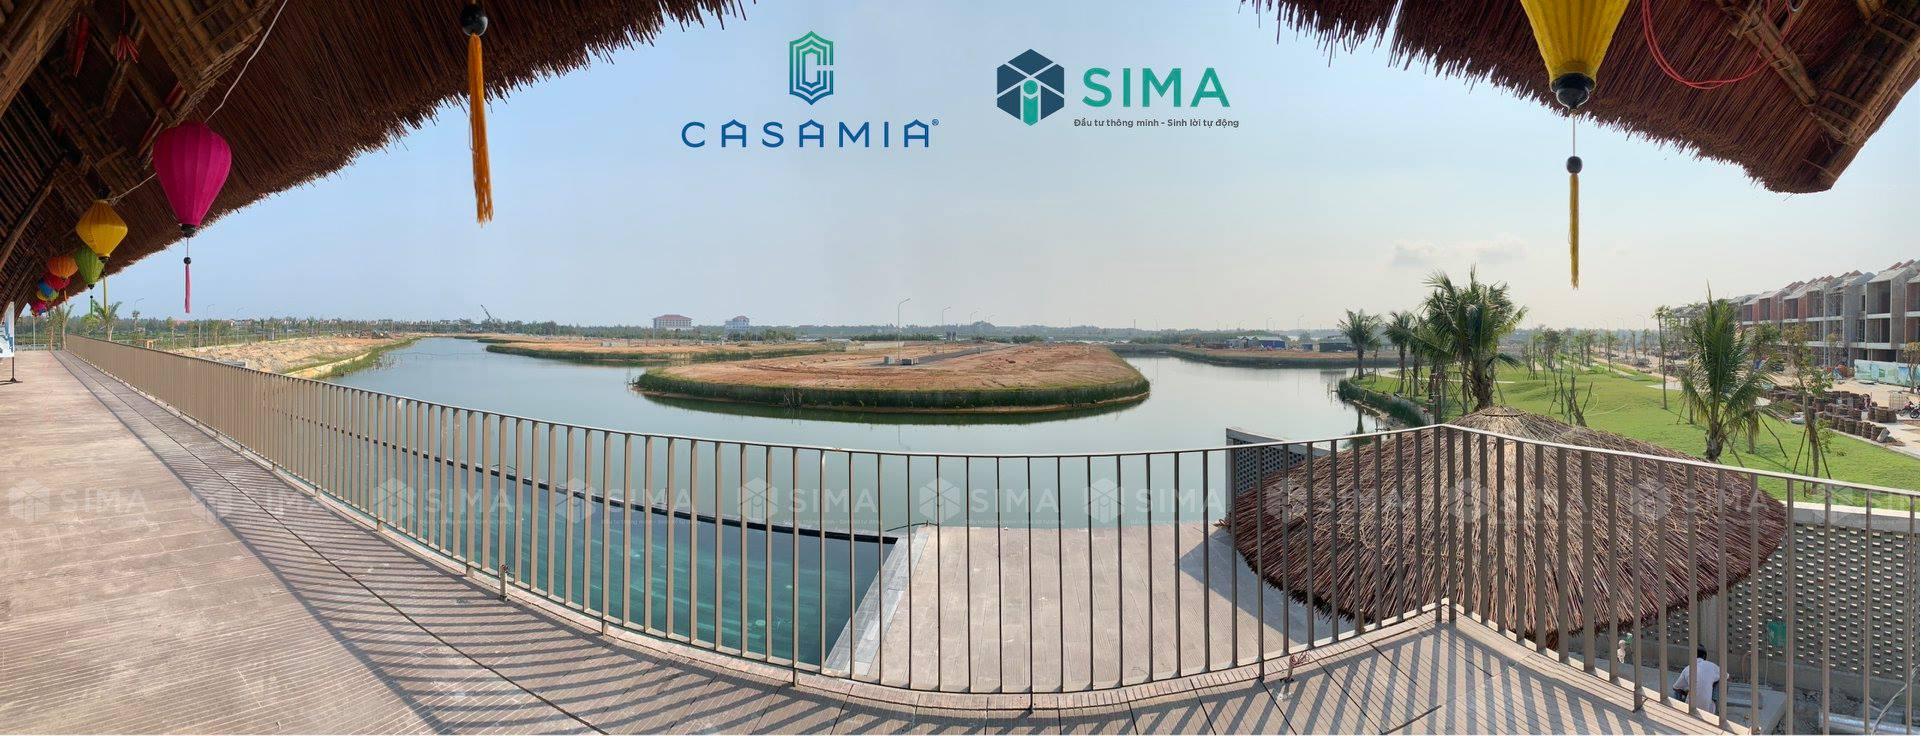 Tổng quan view từ Clubhouse ra lối biệt thự và sinh thái Casamia Hội An